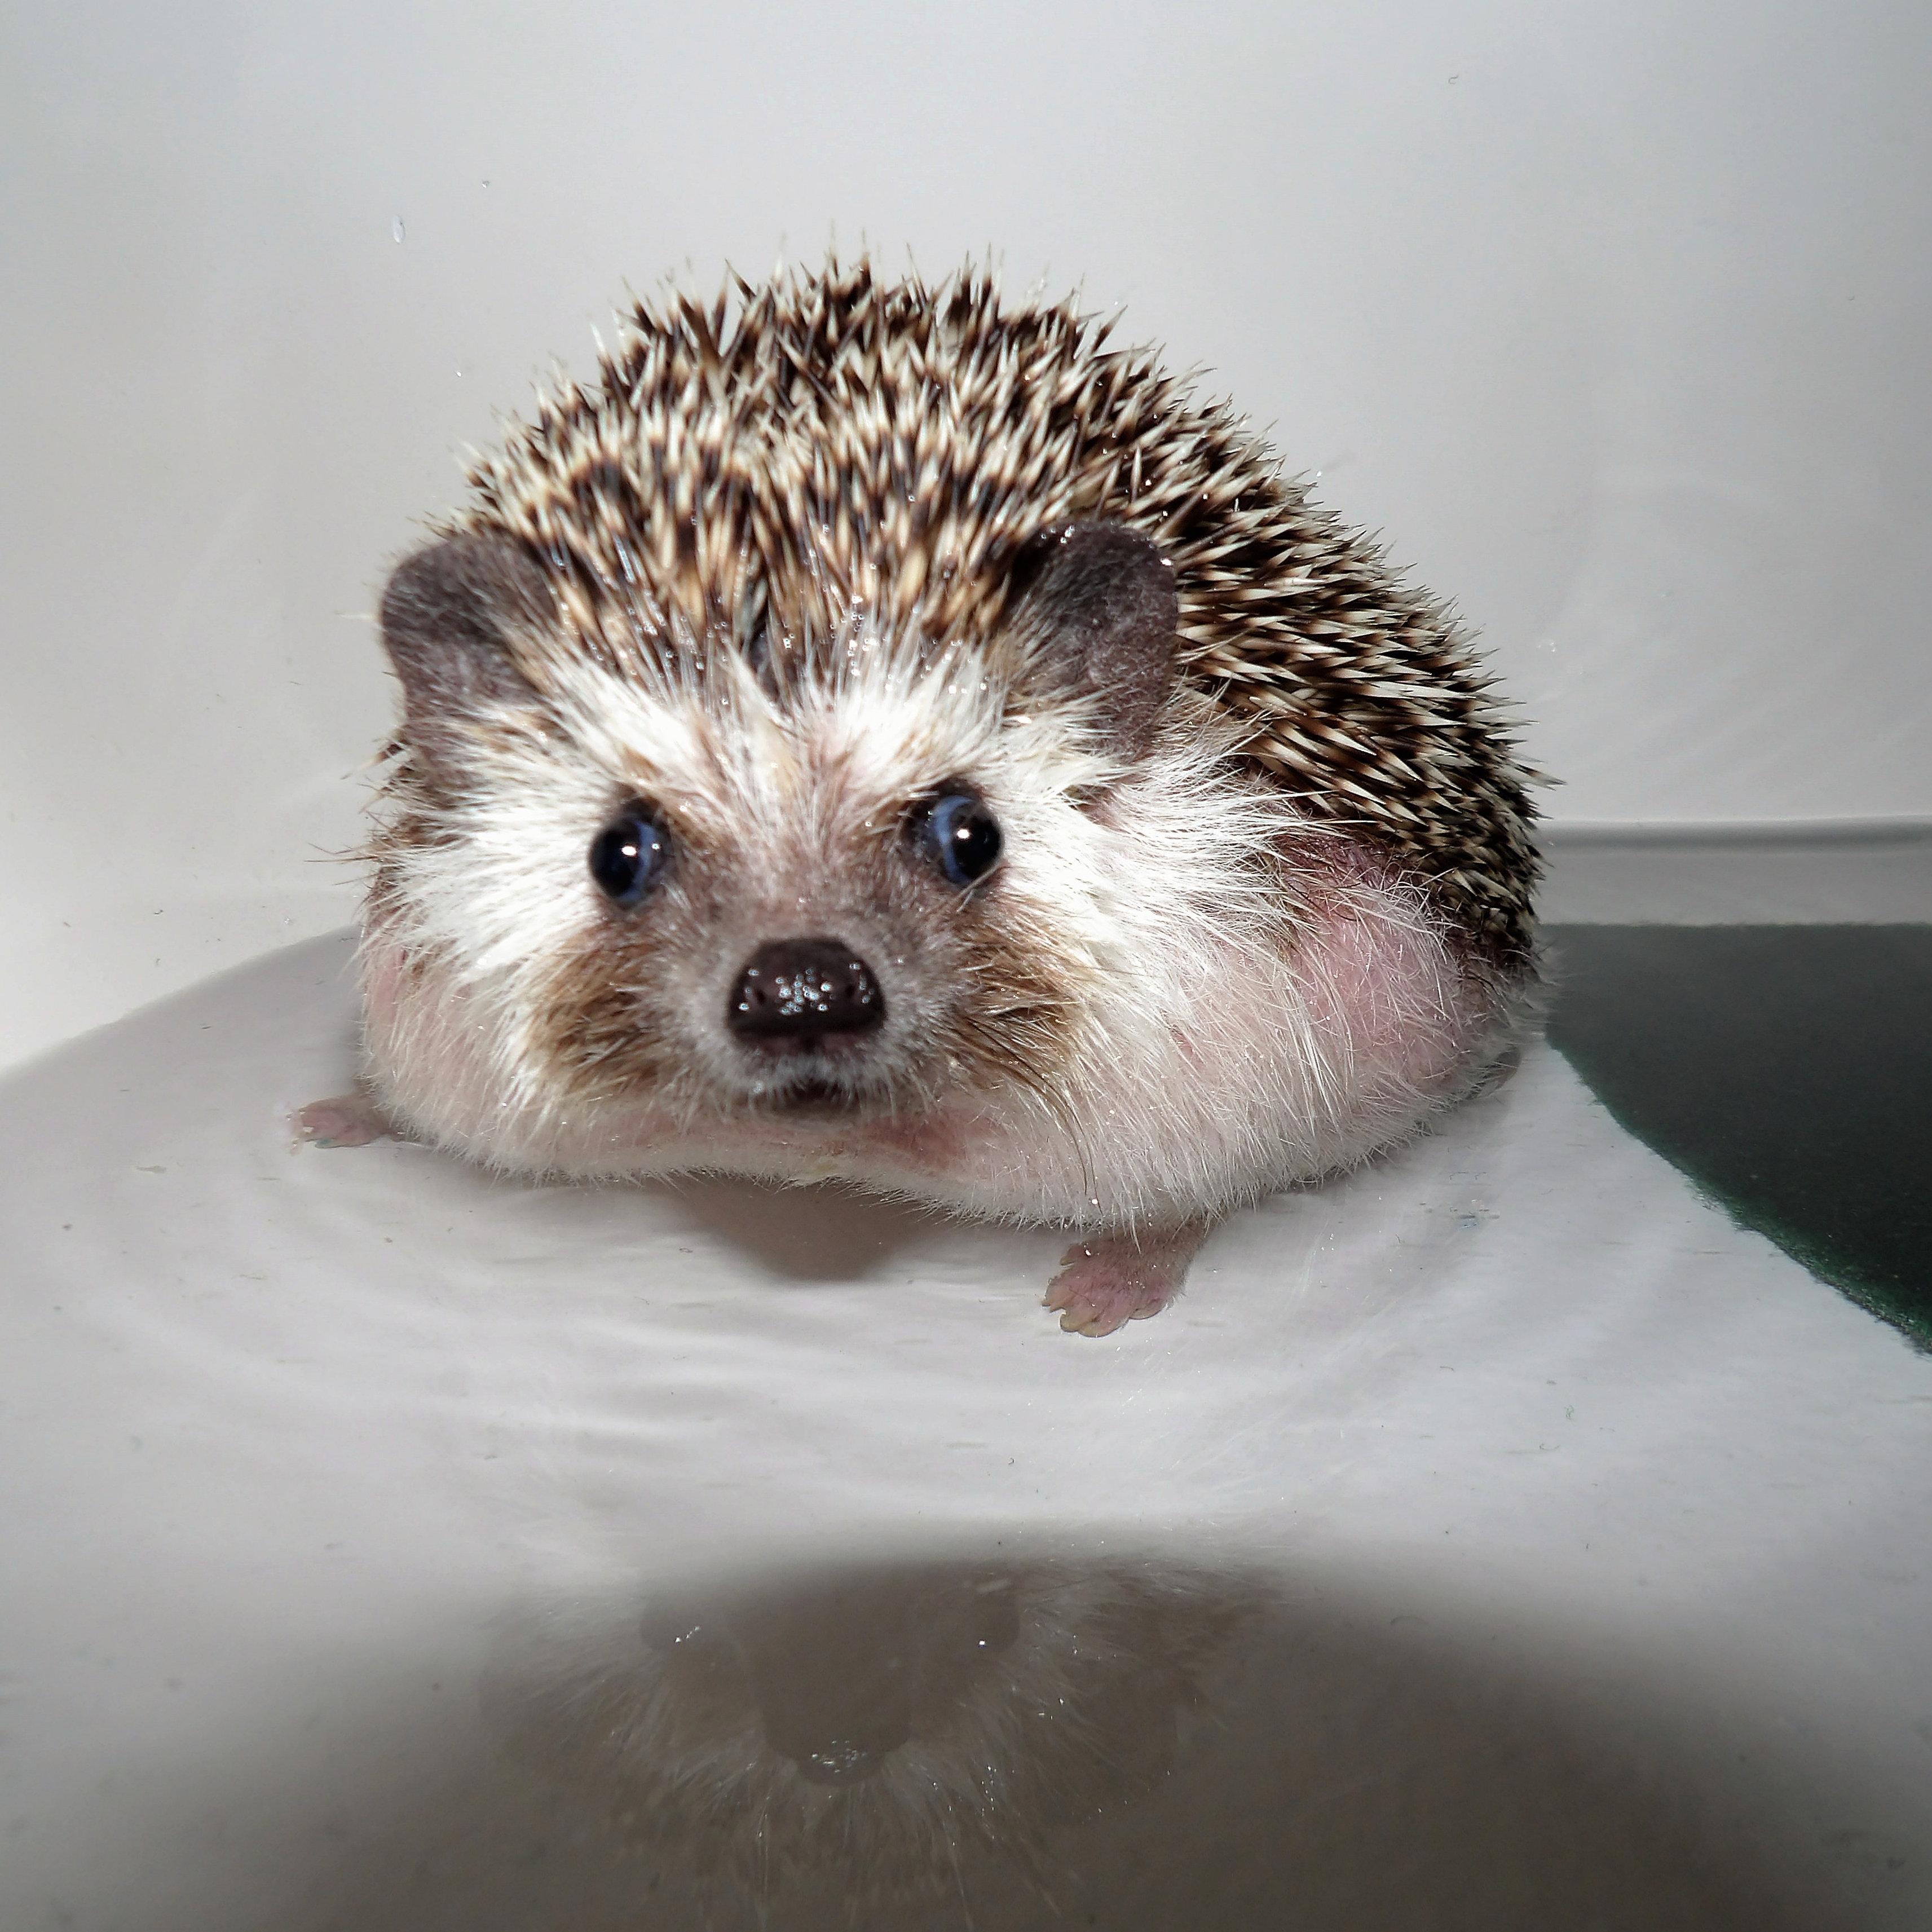 Maxwell in the Bathtub